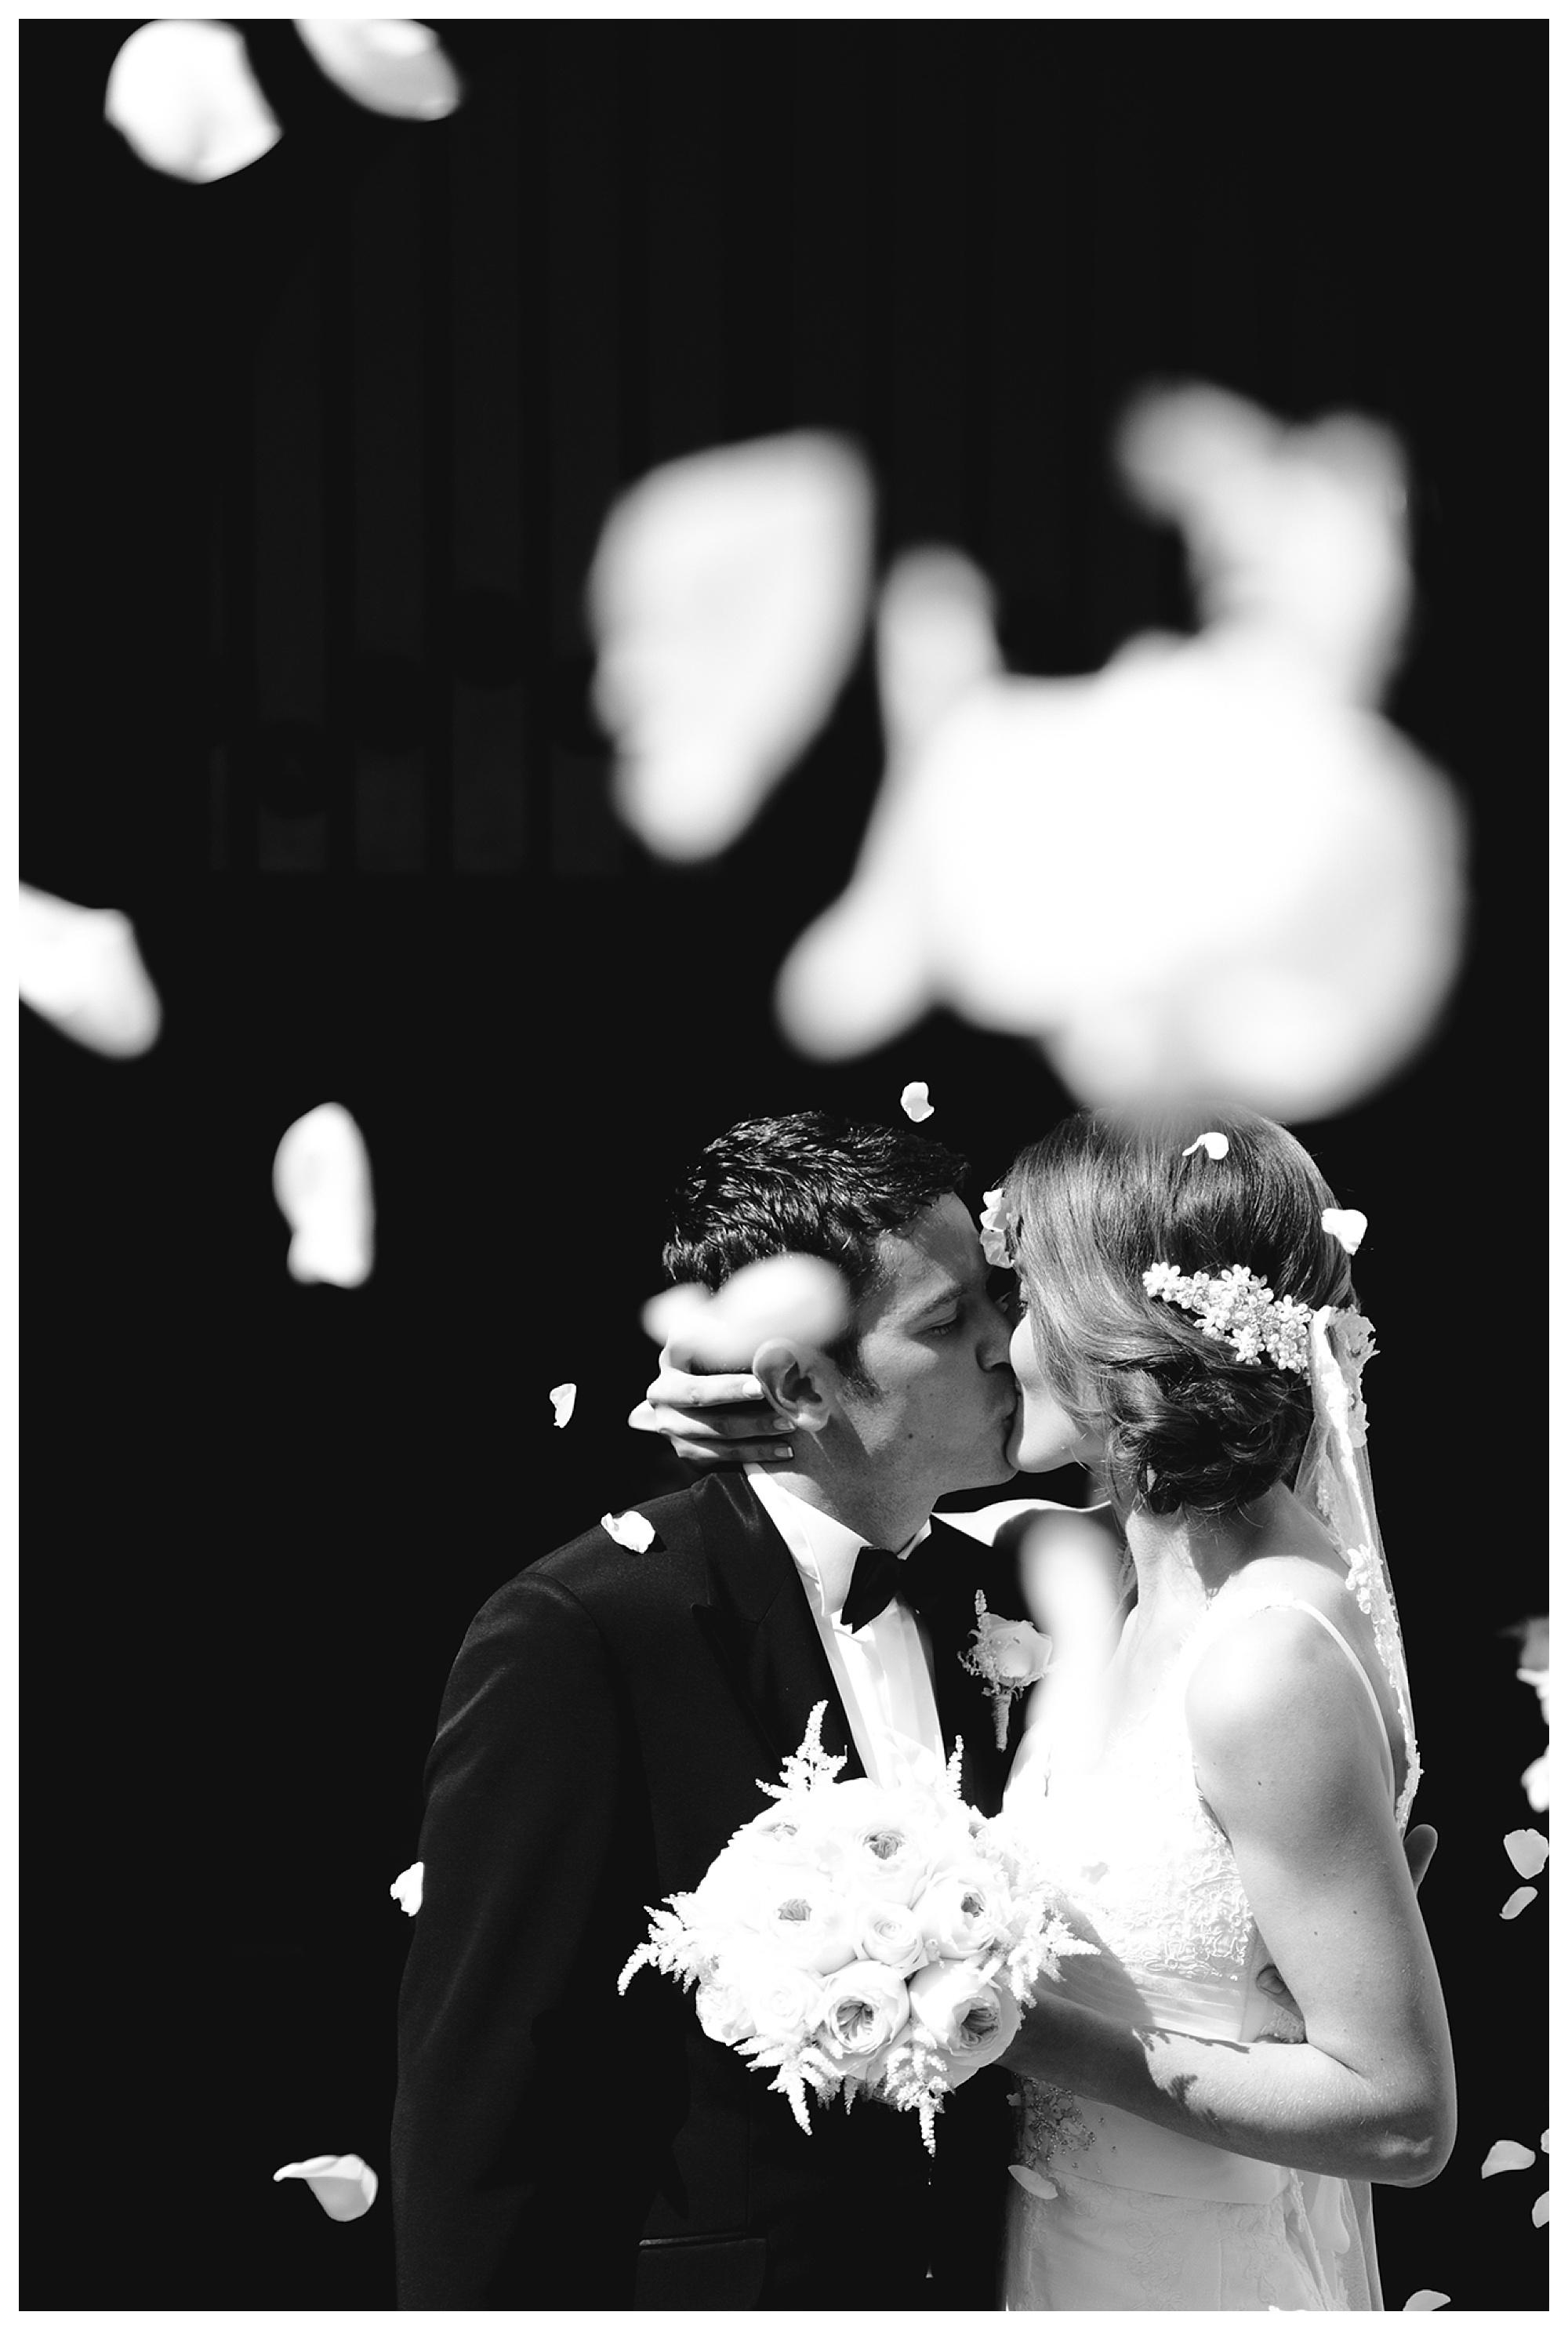 Fotograf Konstanz - Best of 2014 Elmar Feuerbacher Photography Hochzeit Portrait 008 - Rückblick auf 2014  - 9 -